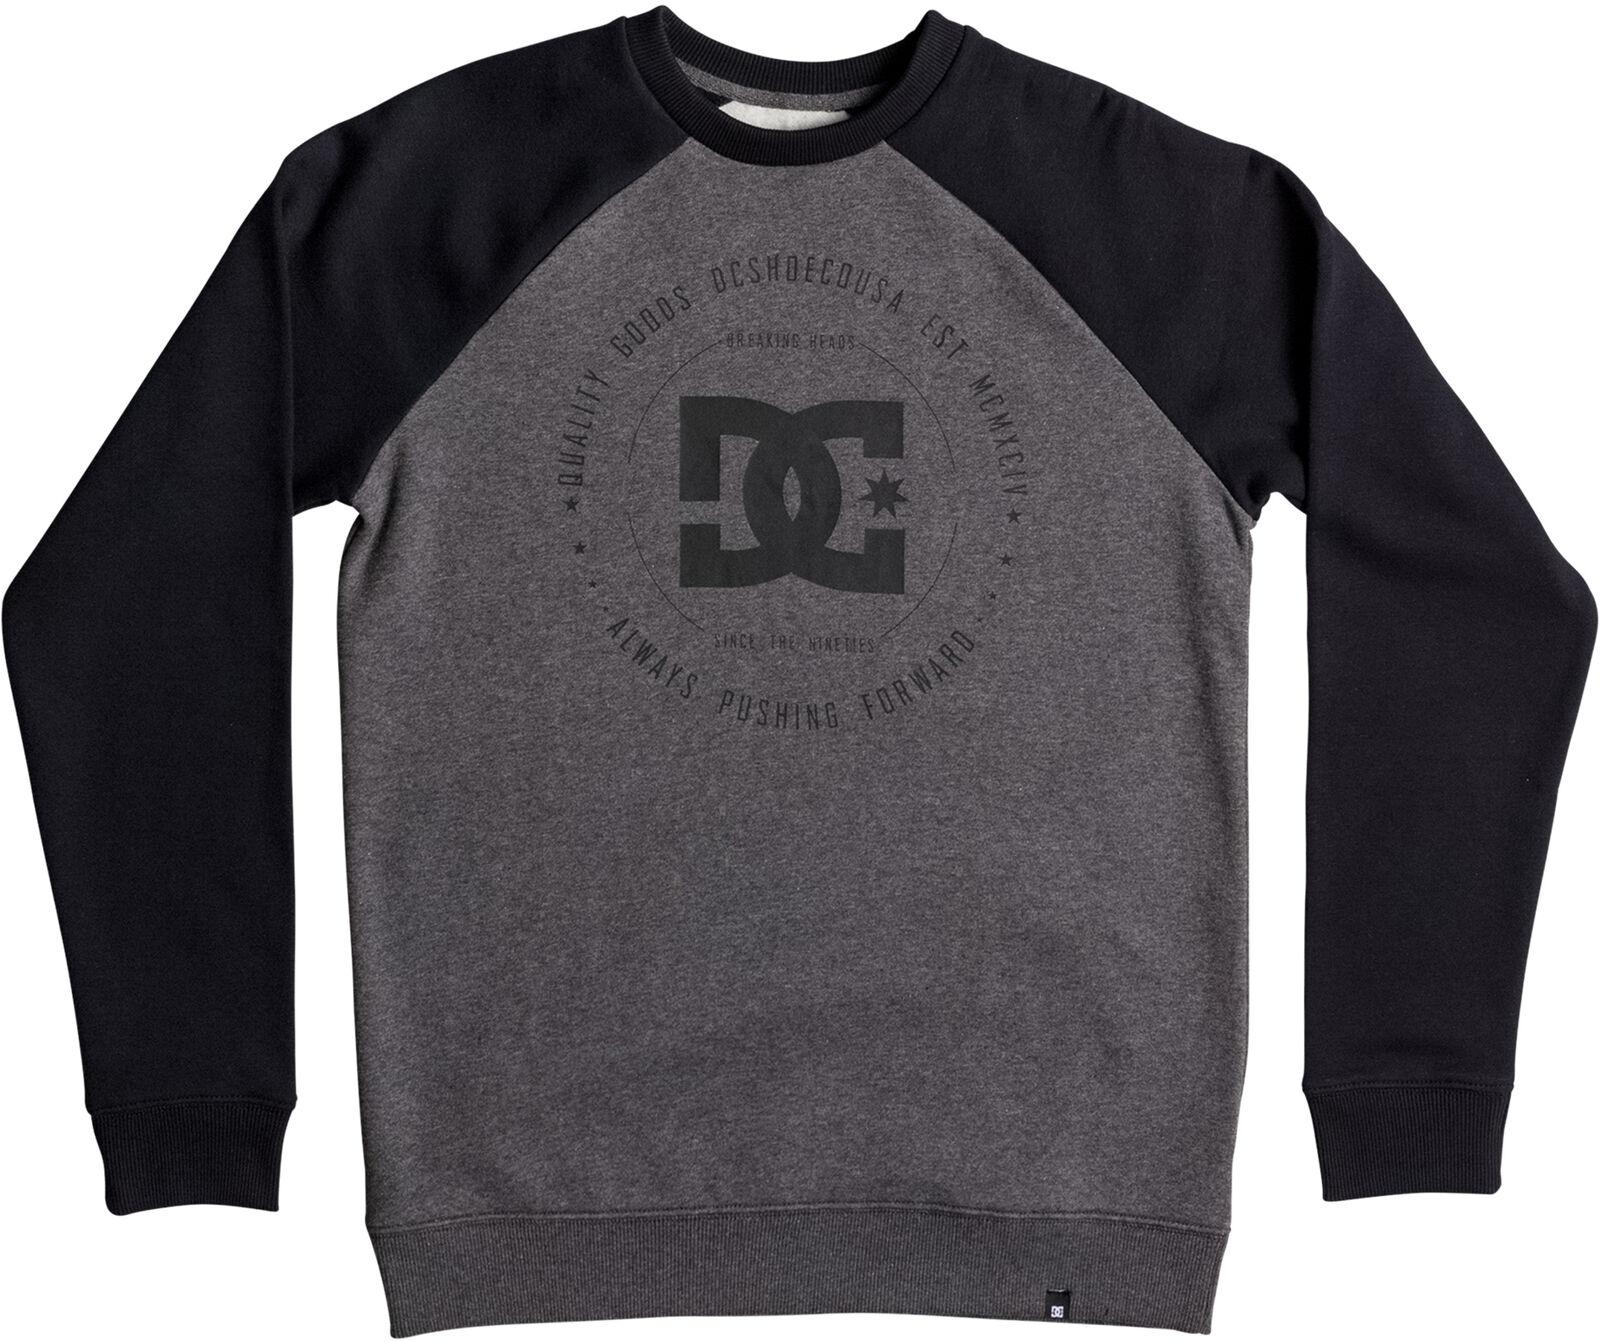 DC Rebuilt 2 Sweatshirt in Charcoal Heather